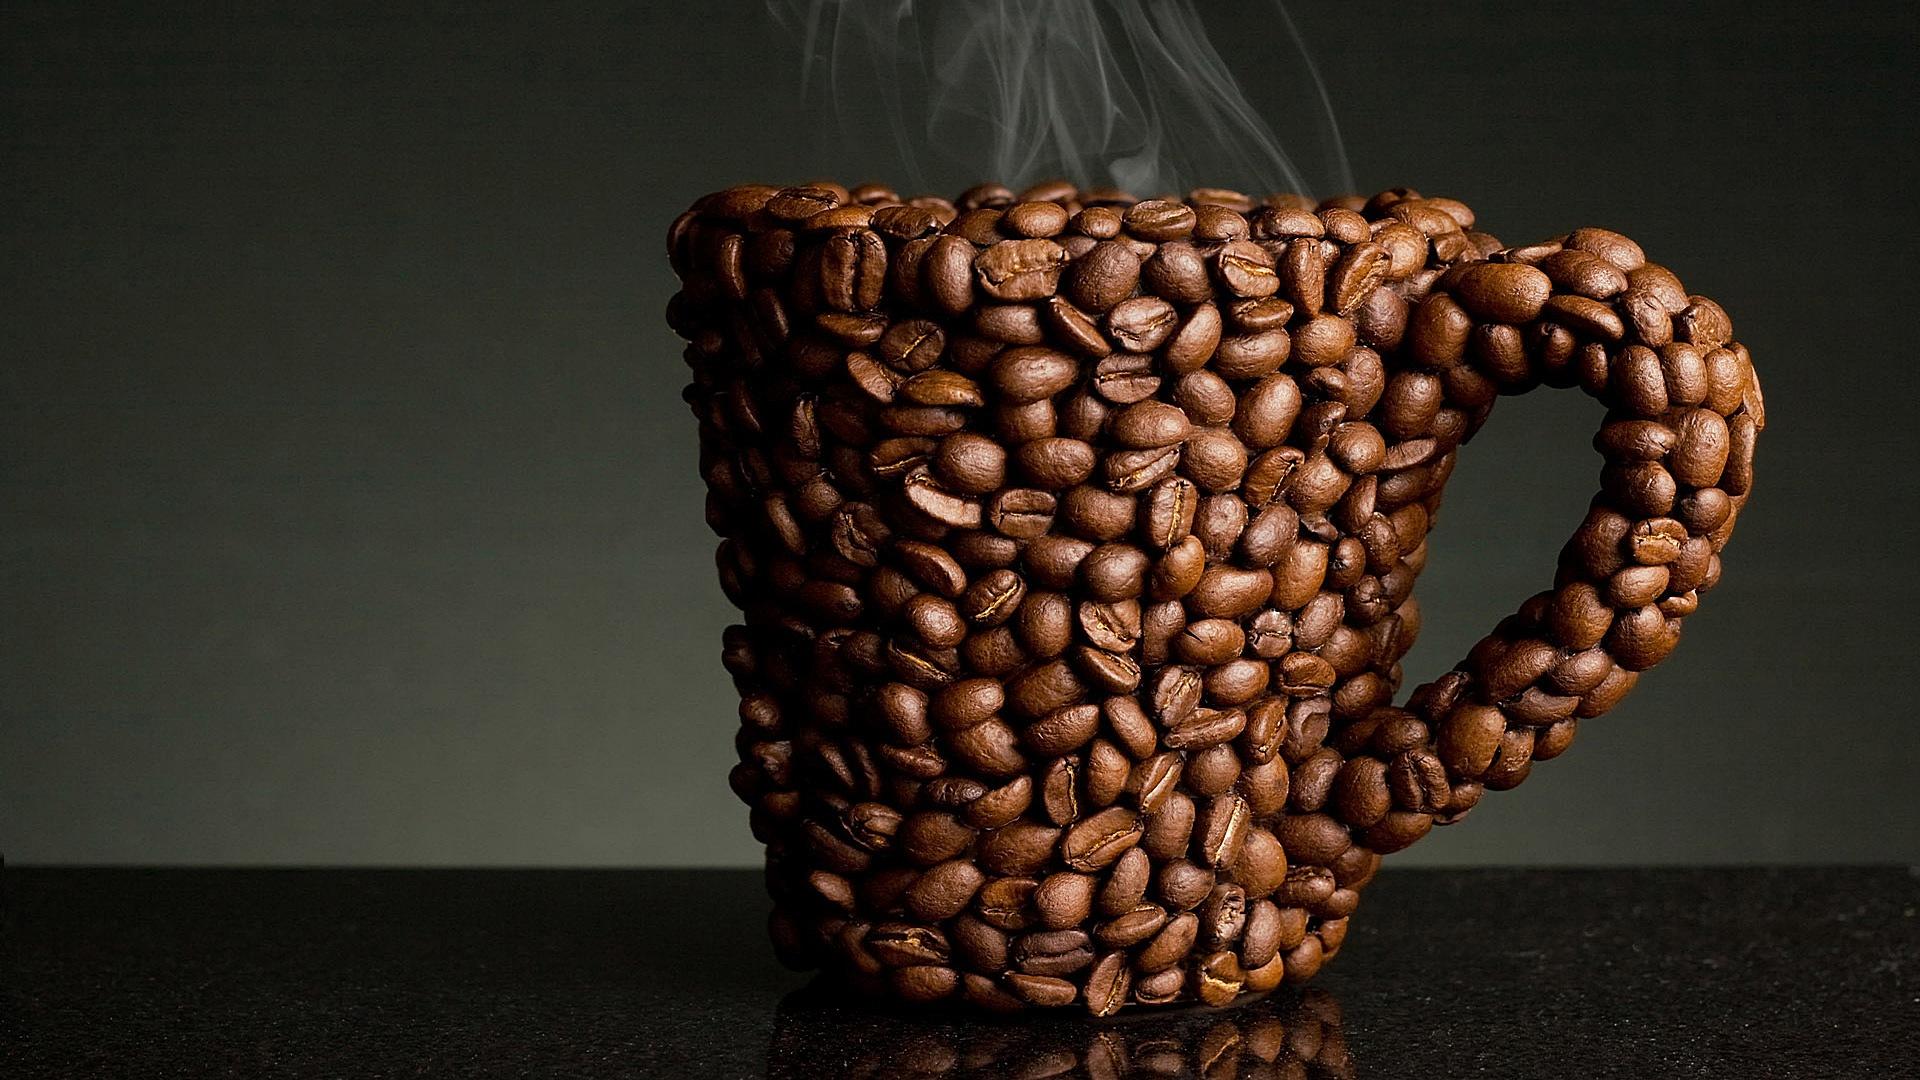 Картинки с кофе своими руками